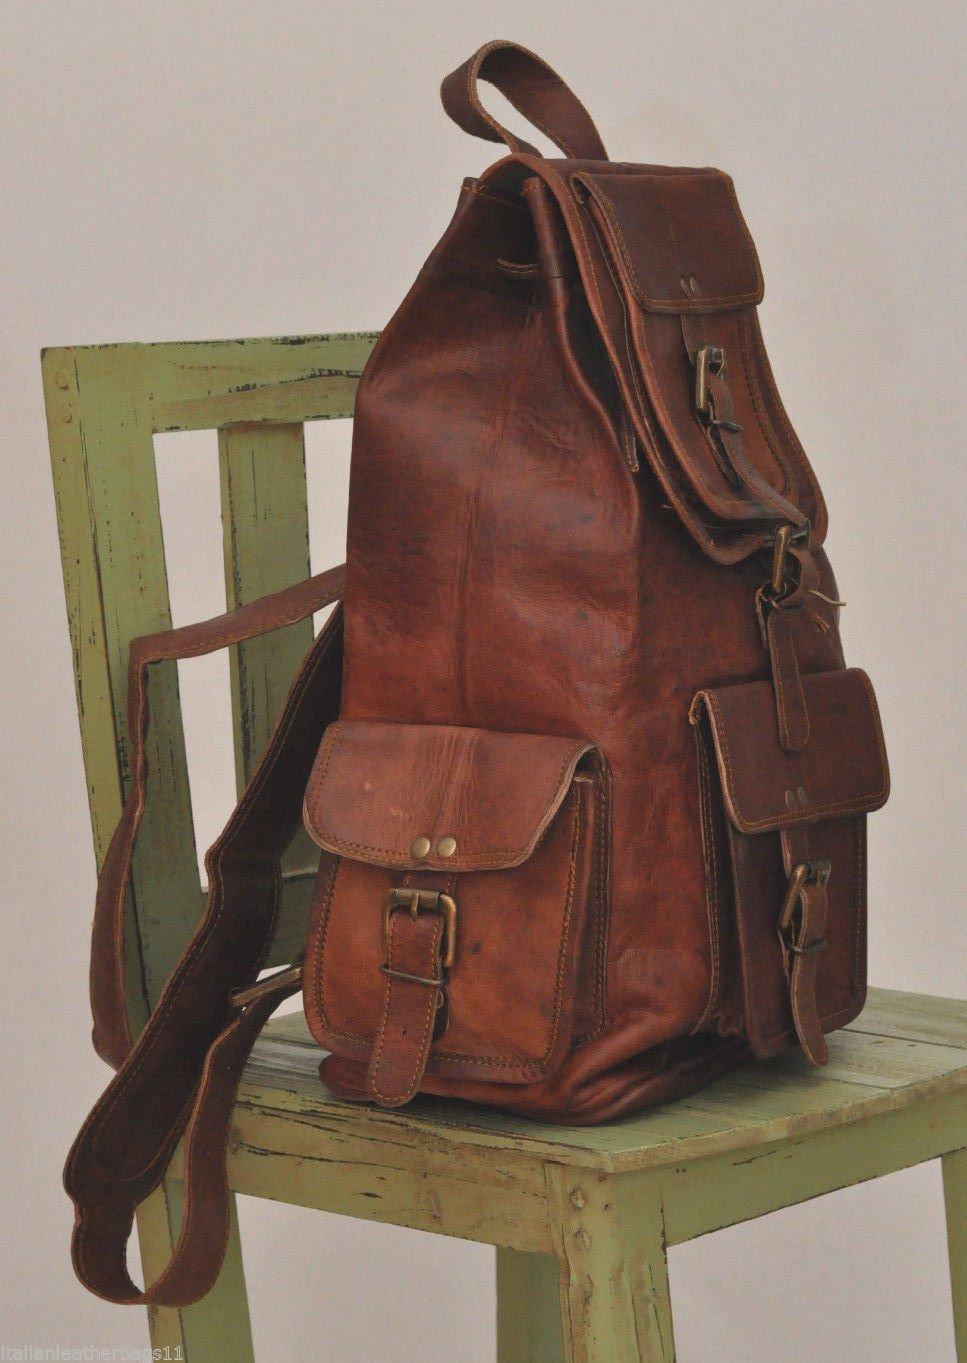 4a30aae21d VENTE 2019 - Dernier JOUR! Shakun Leather Sac à dos Vintage Cuir mixte  loisir, 100% cuir pur, avec livraison gratuite: Amazon.fr: Handmade